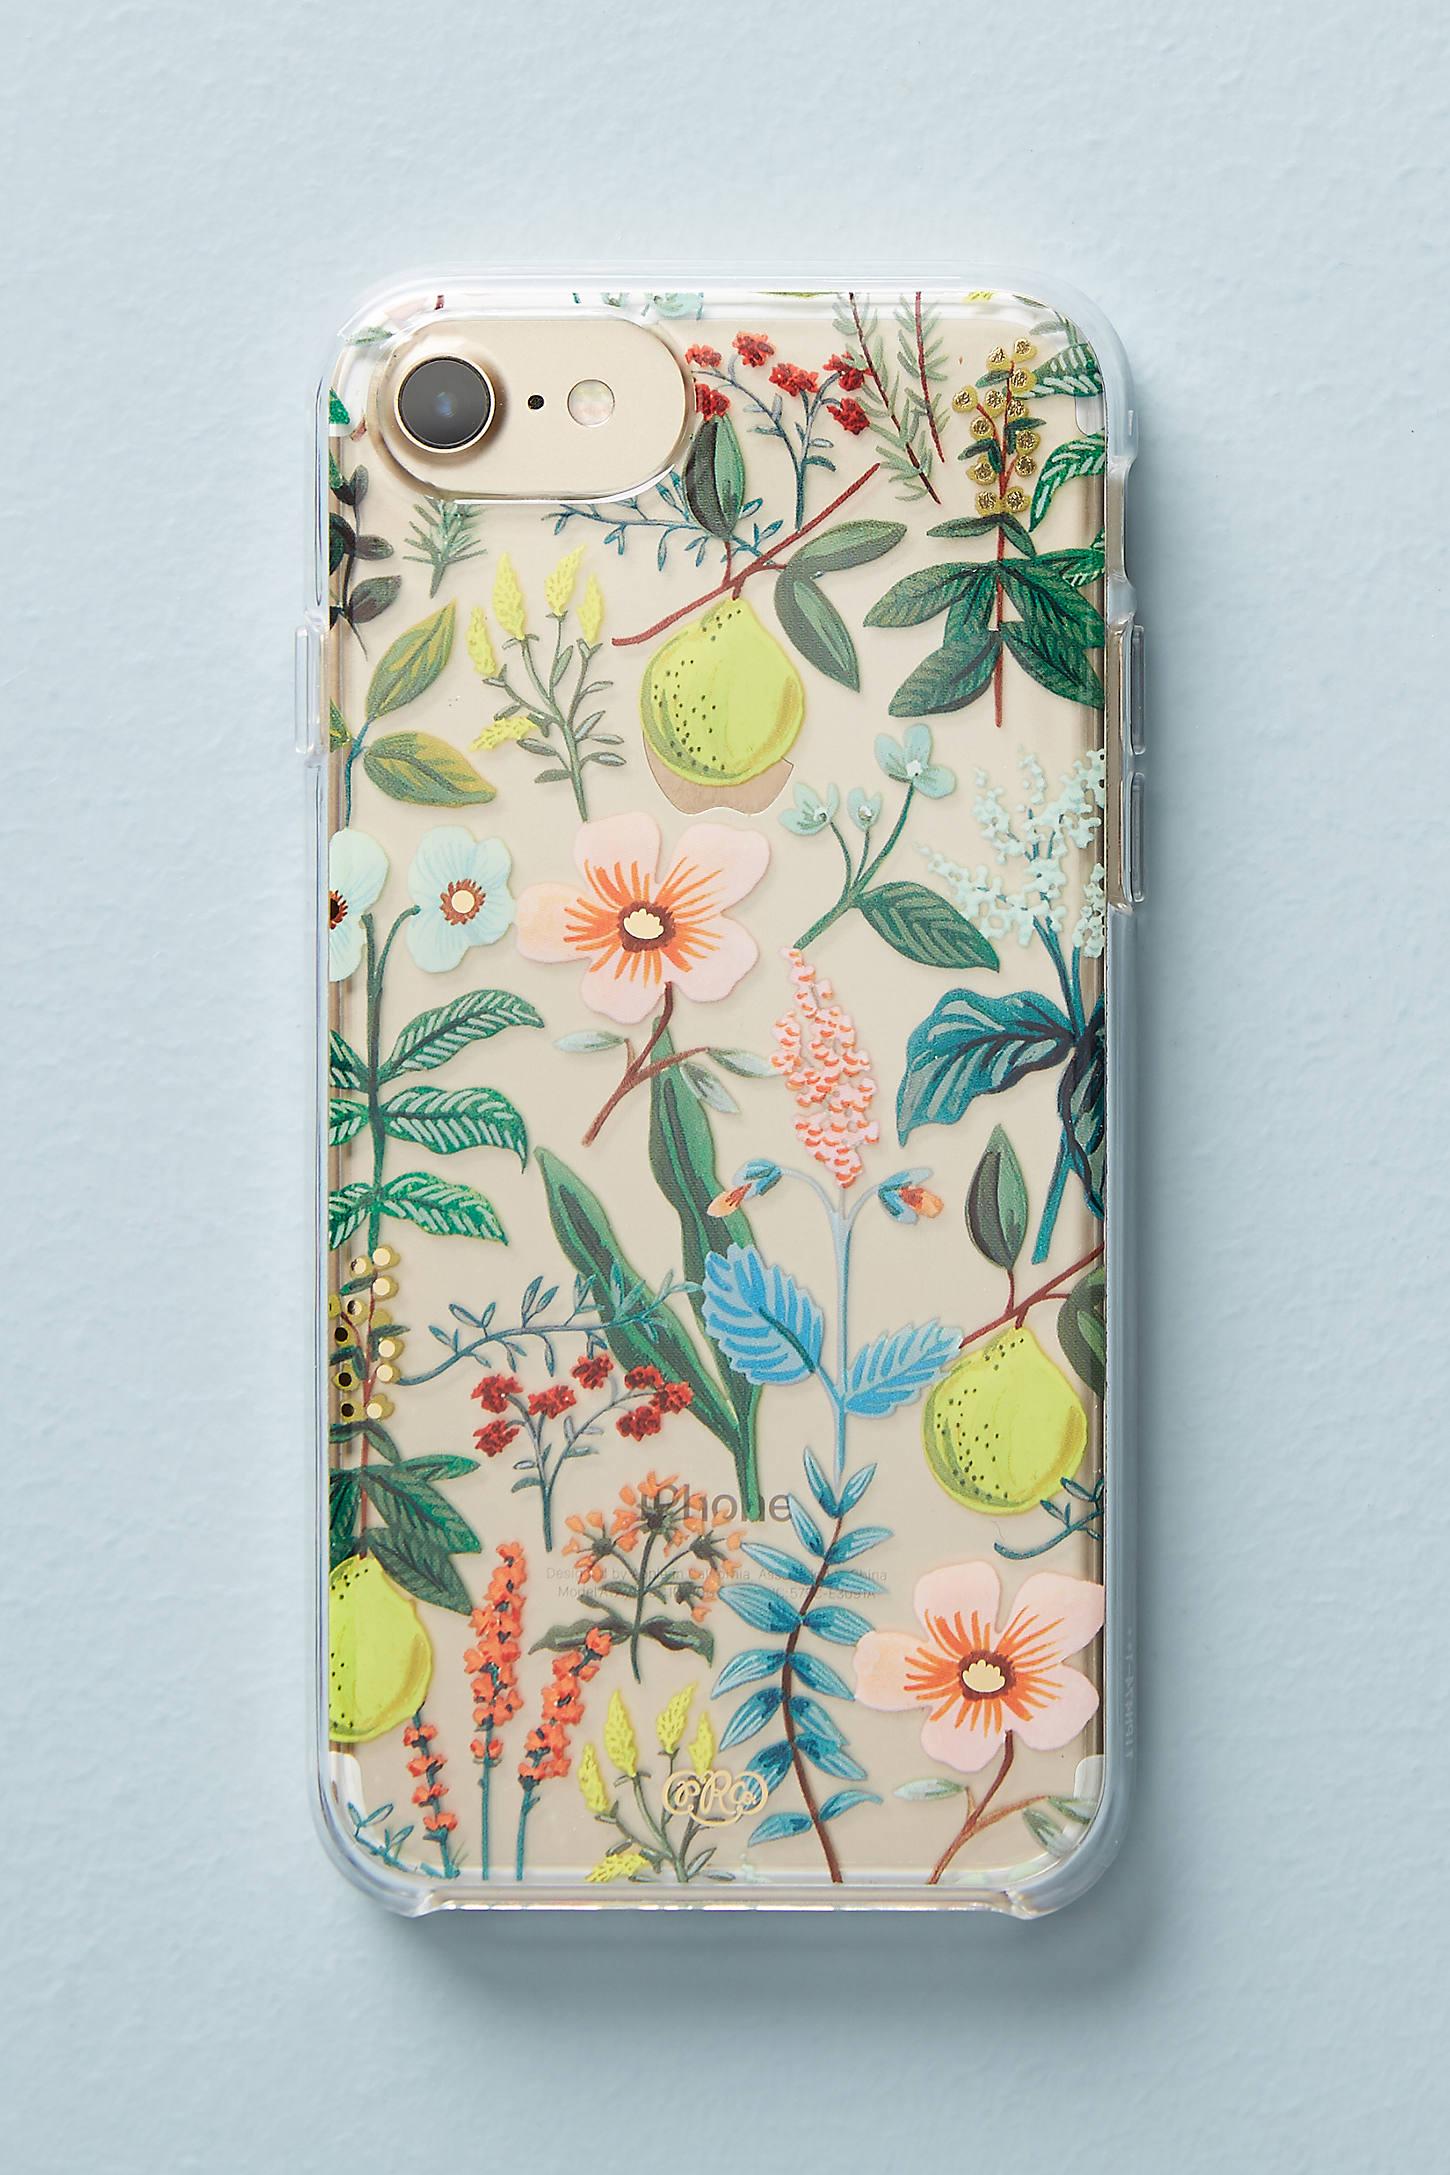 Herb Garden iPhone 6/7 Case